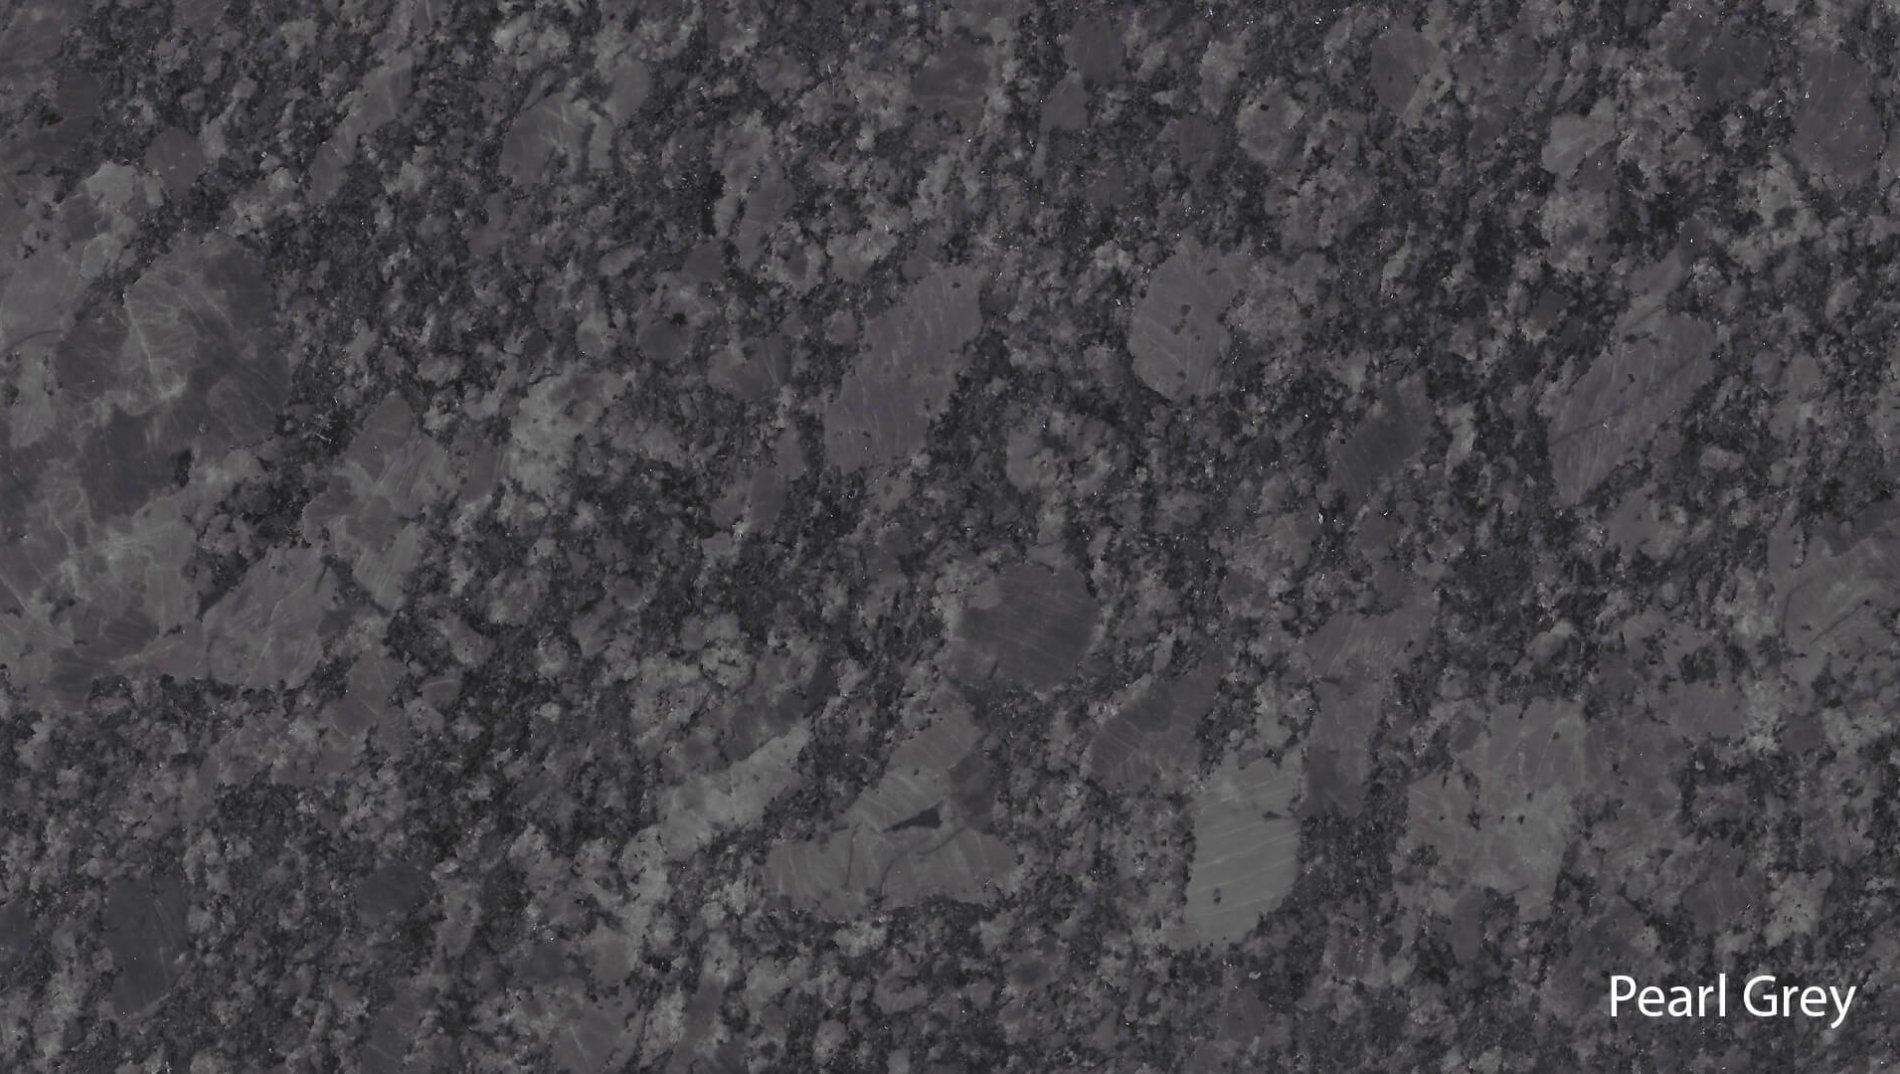 studio-20-kleurstaal-graniet-pearl-grey-1517994635-1517999203-1558102191.jpg